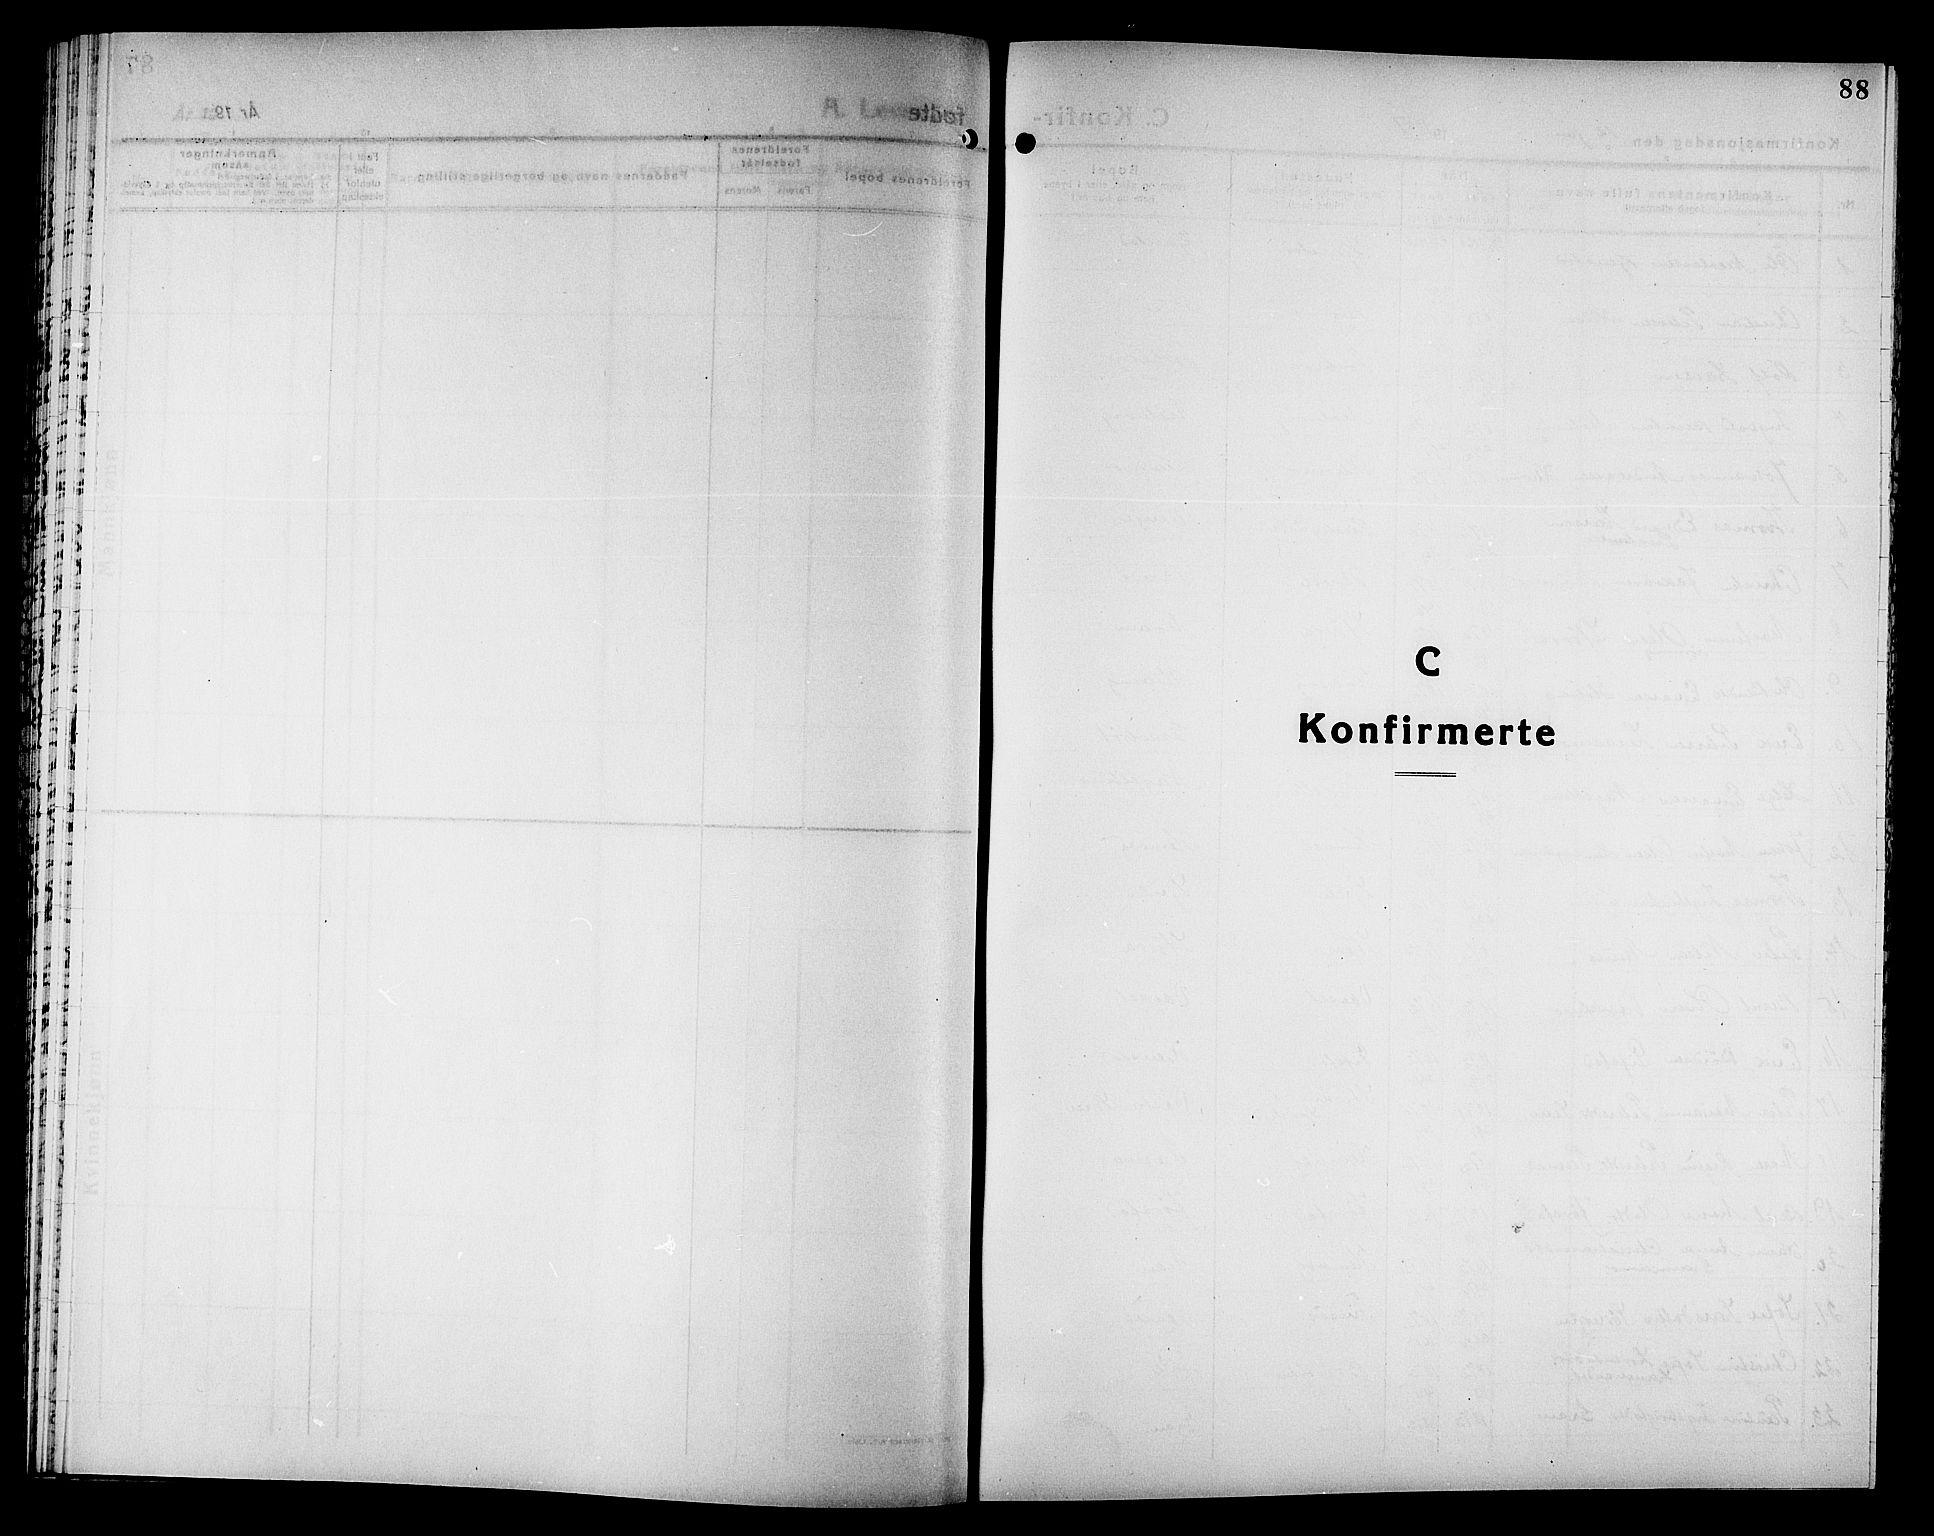 SAT, Ministerialprotokoller, klokkerbøker og fødselsregistre - Nord-Trøndelag, 749/L0487: Ministerialbok nr. 749D03, 1887-1902, s. 88